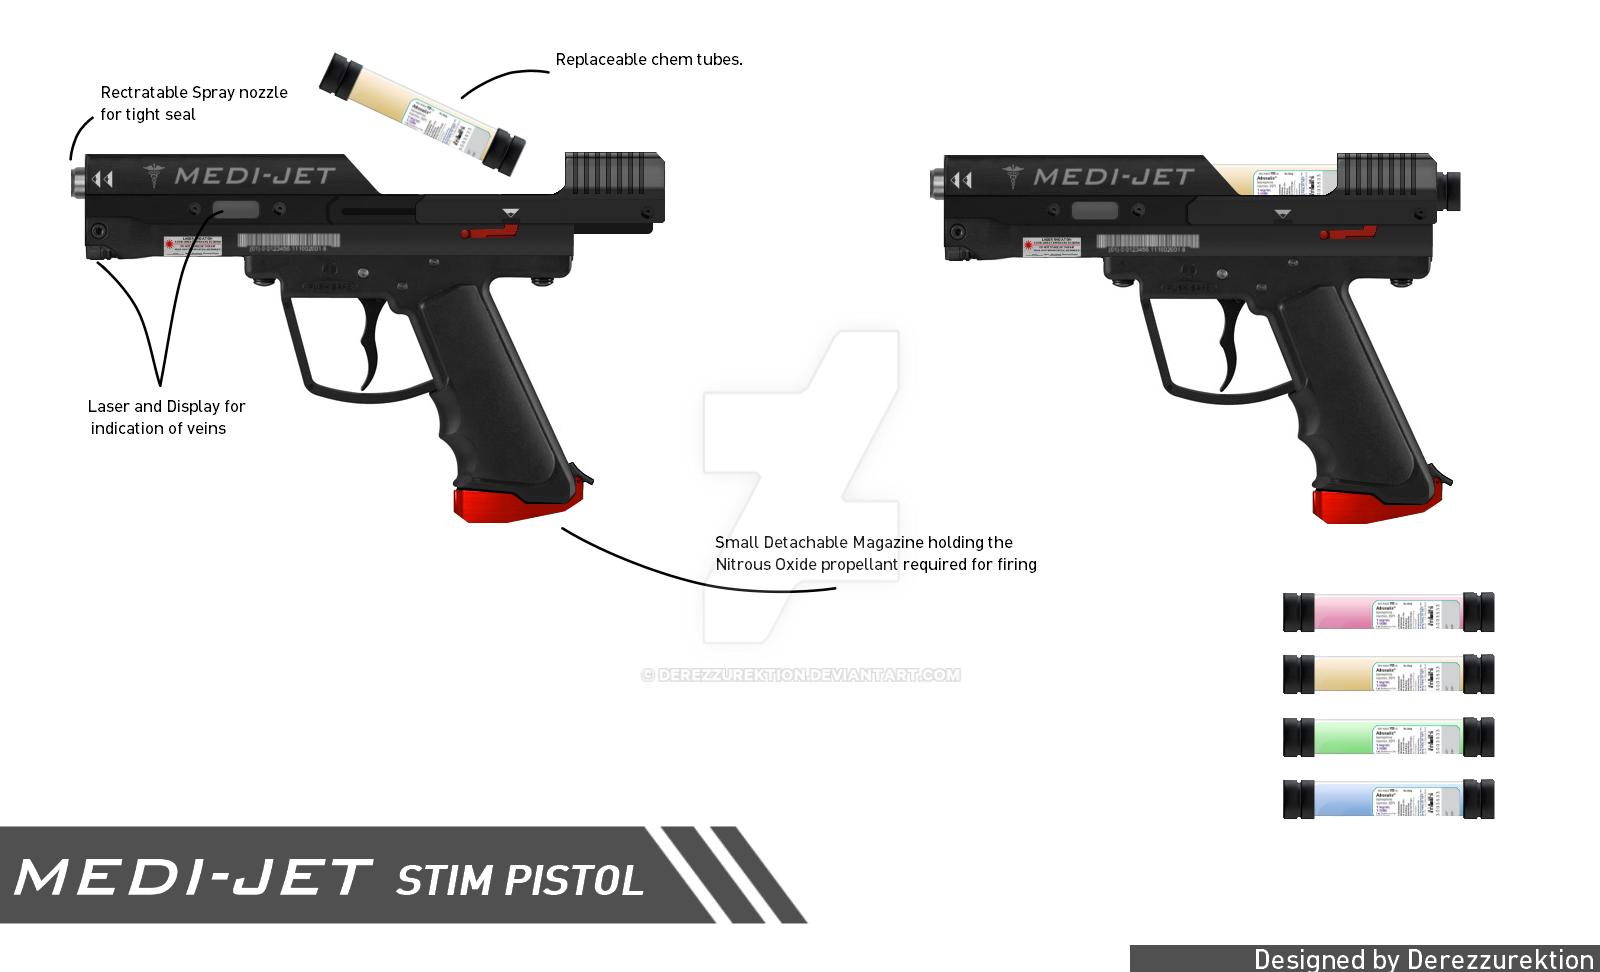 Medi-Jet Stim Pistol by DeRezzurektion